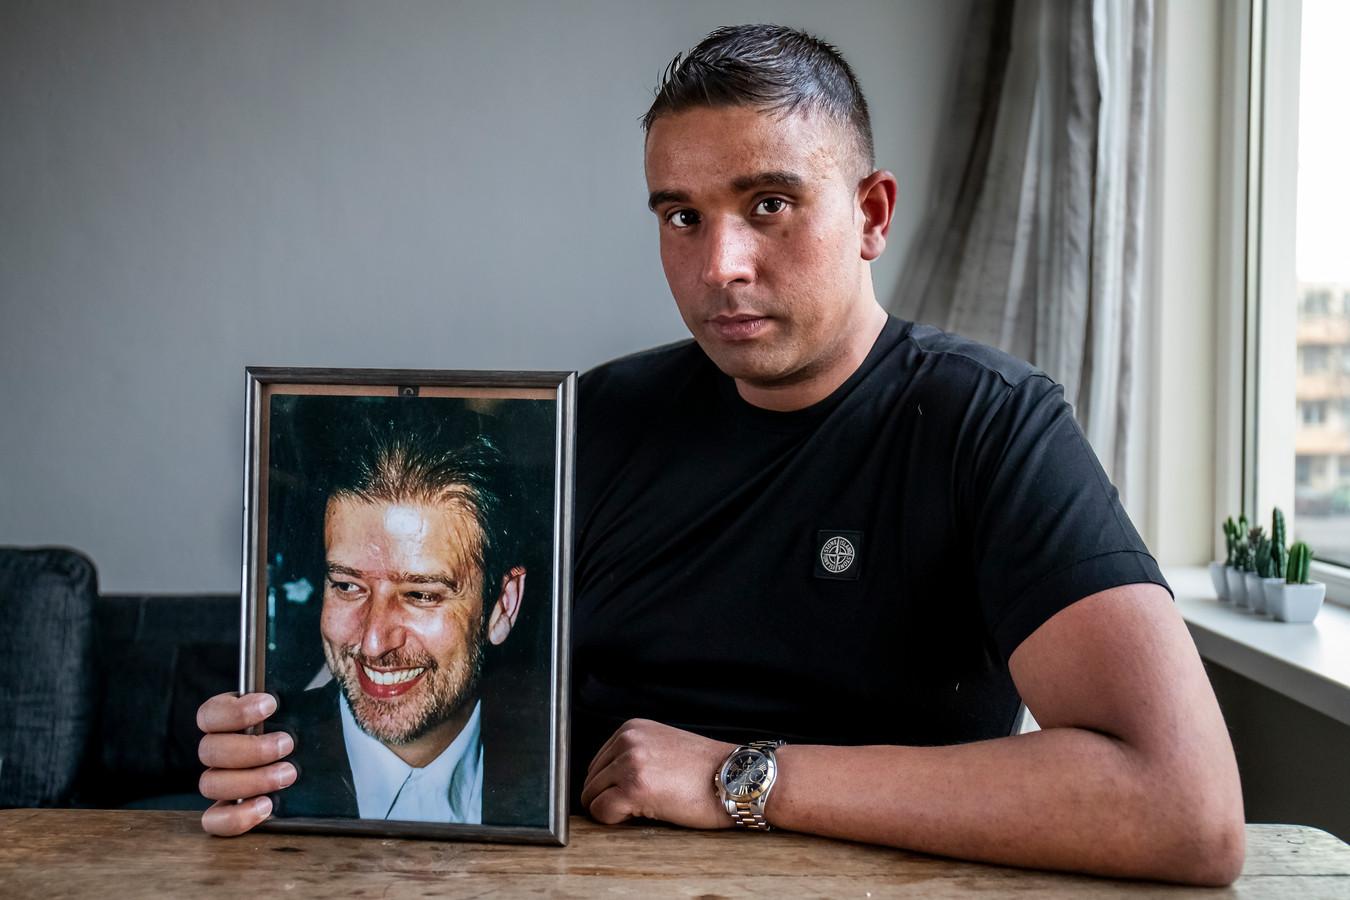 Youness van Bruggen krijgt maandag een nieuwe nier. Hij houdt een portret van zijn vader vast, die aan nierfalen is overleden.